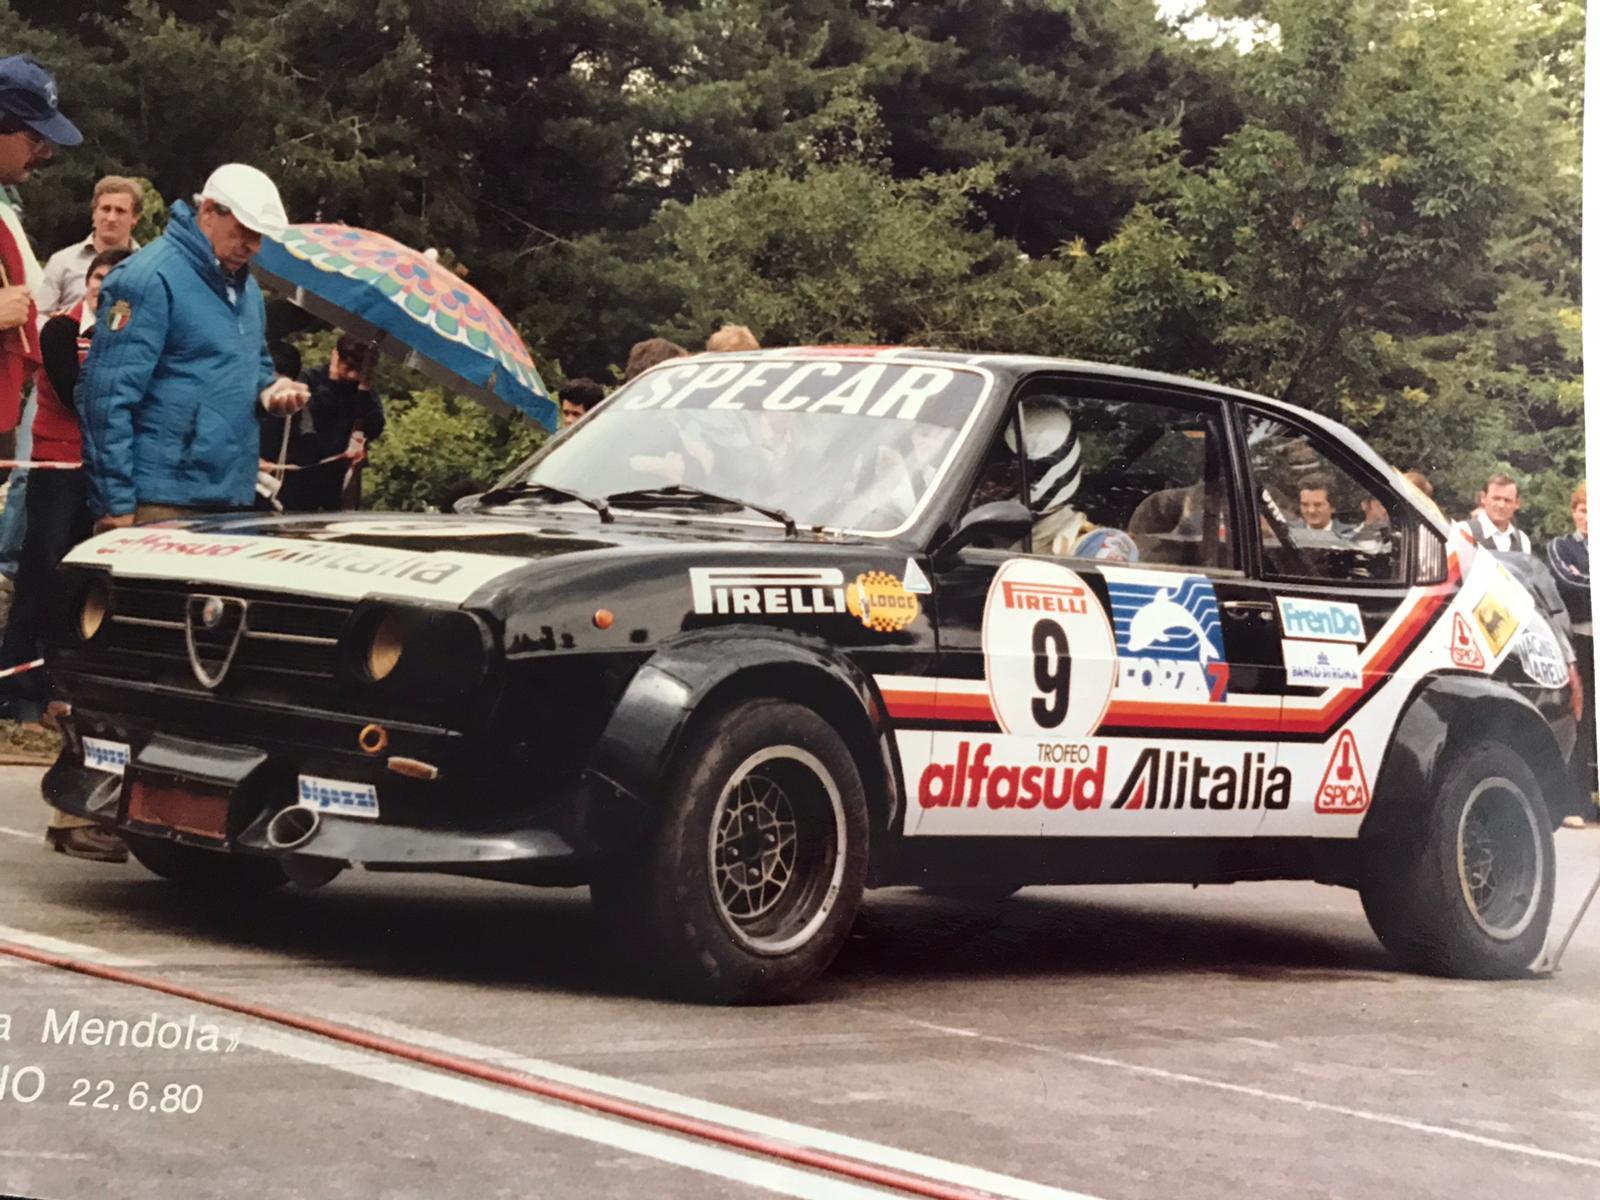 1980_Alfasud_Ti_Trofeo_BZ-Mendola_Pelachin.jpg